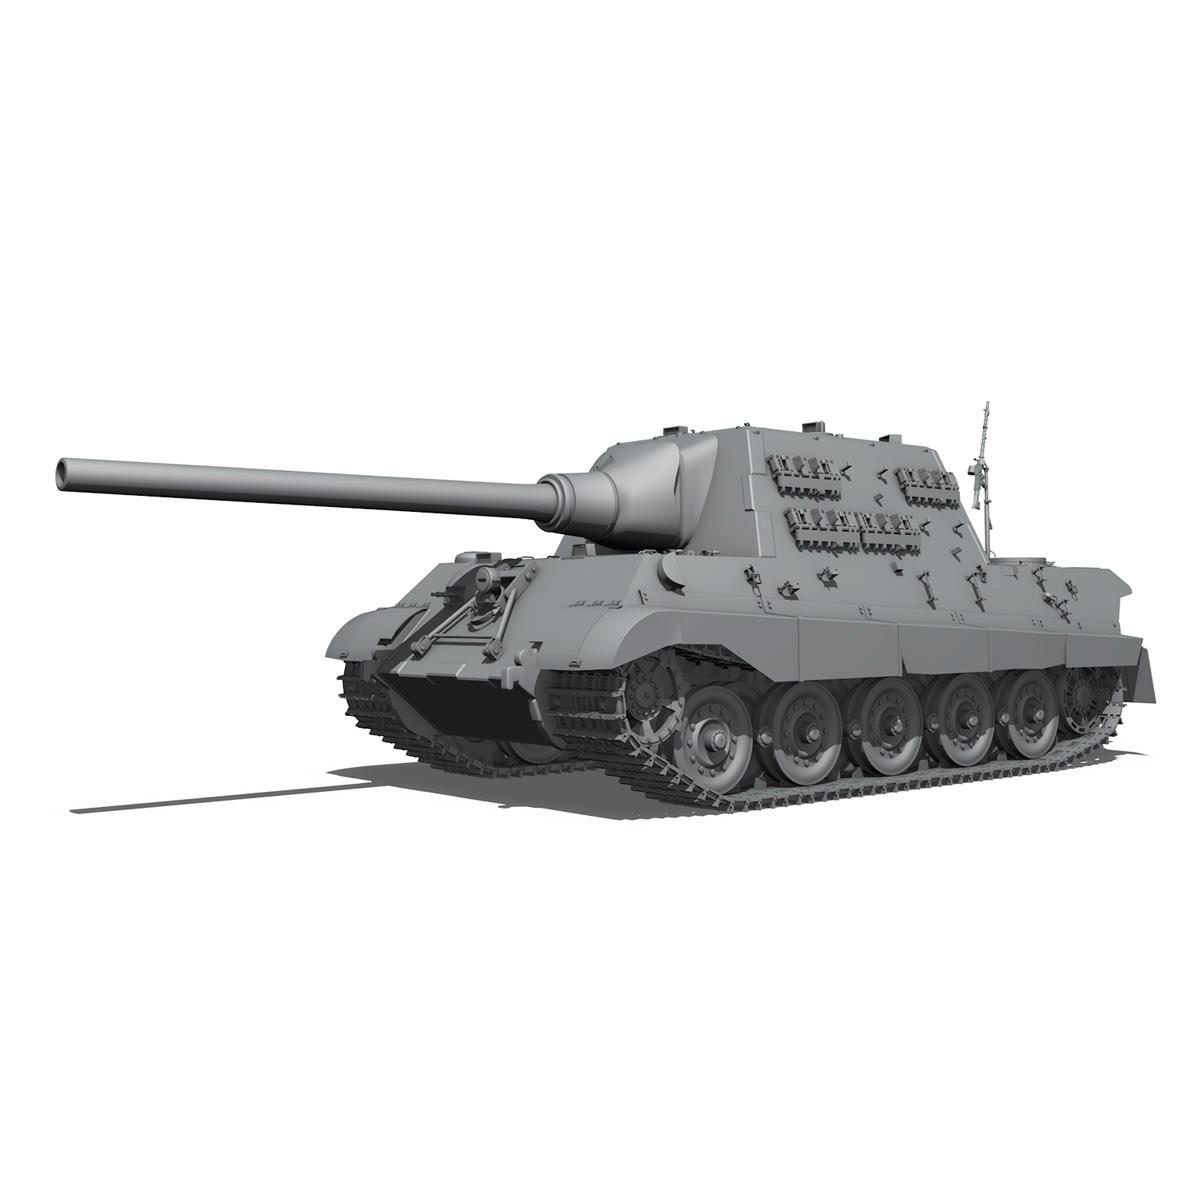 sd.kfz 186 jagdtiger hunting tiger 3d model 3ds fbx c4d lwo obj 189960